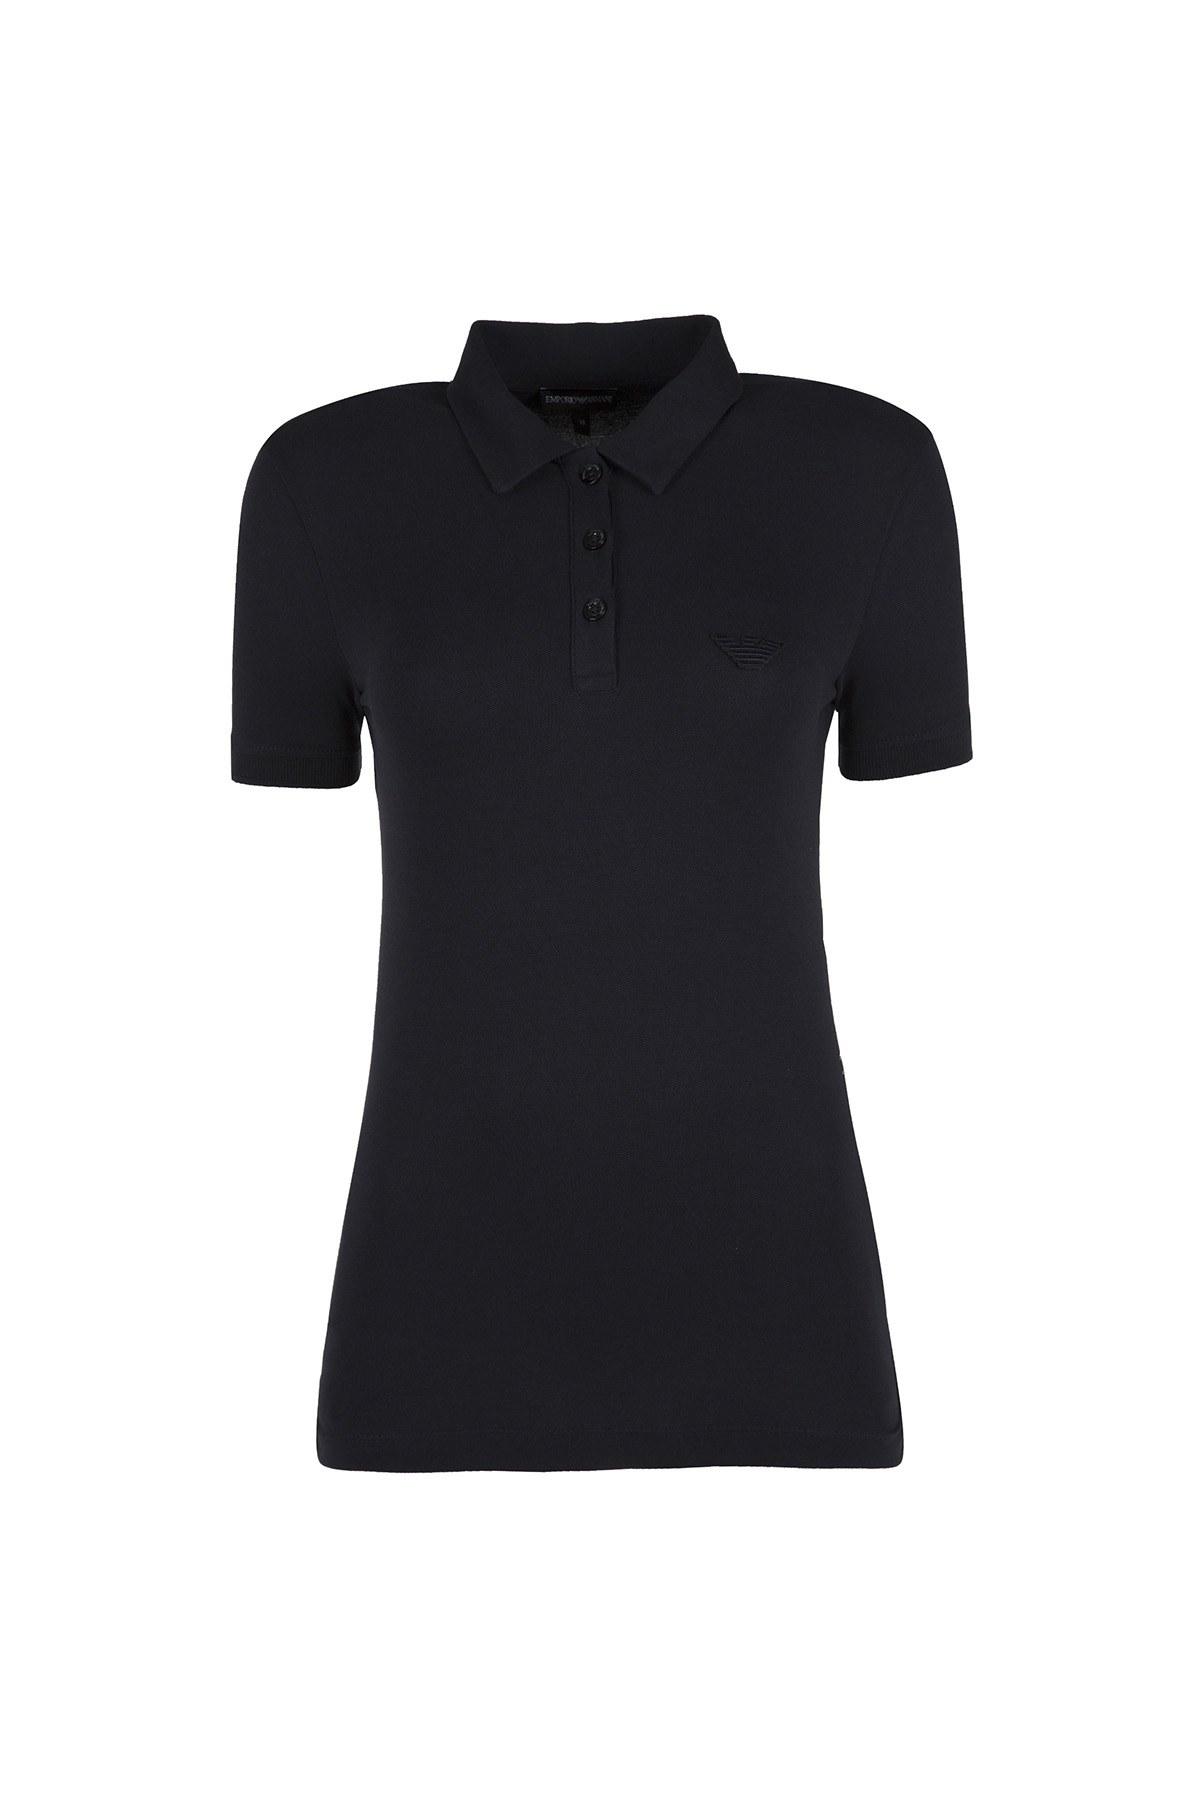 EMPORIO ARMANI T SHIRT Bayan T Shirt 3Z2M66 2J03Z 0920 LACİVERT